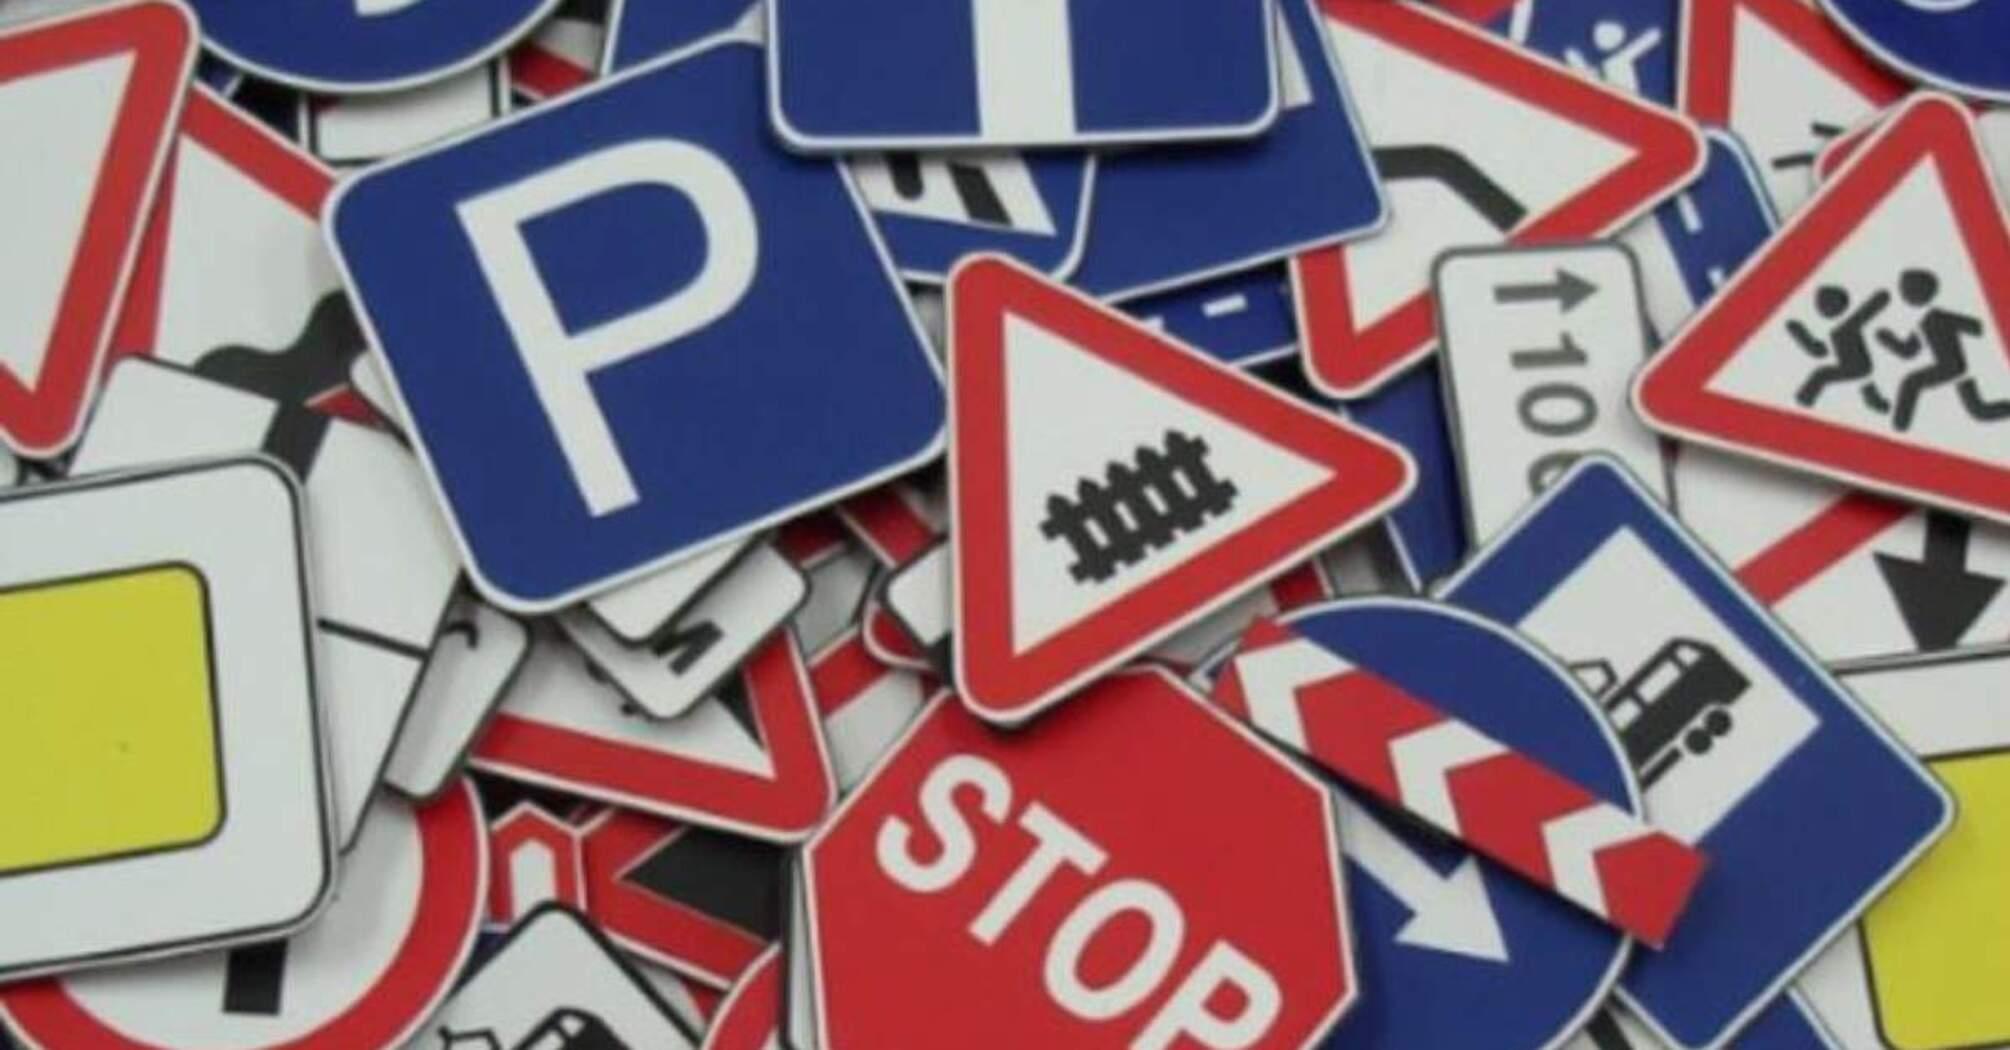 З 1 листопада в Україні з'являться нові дорожні знаки